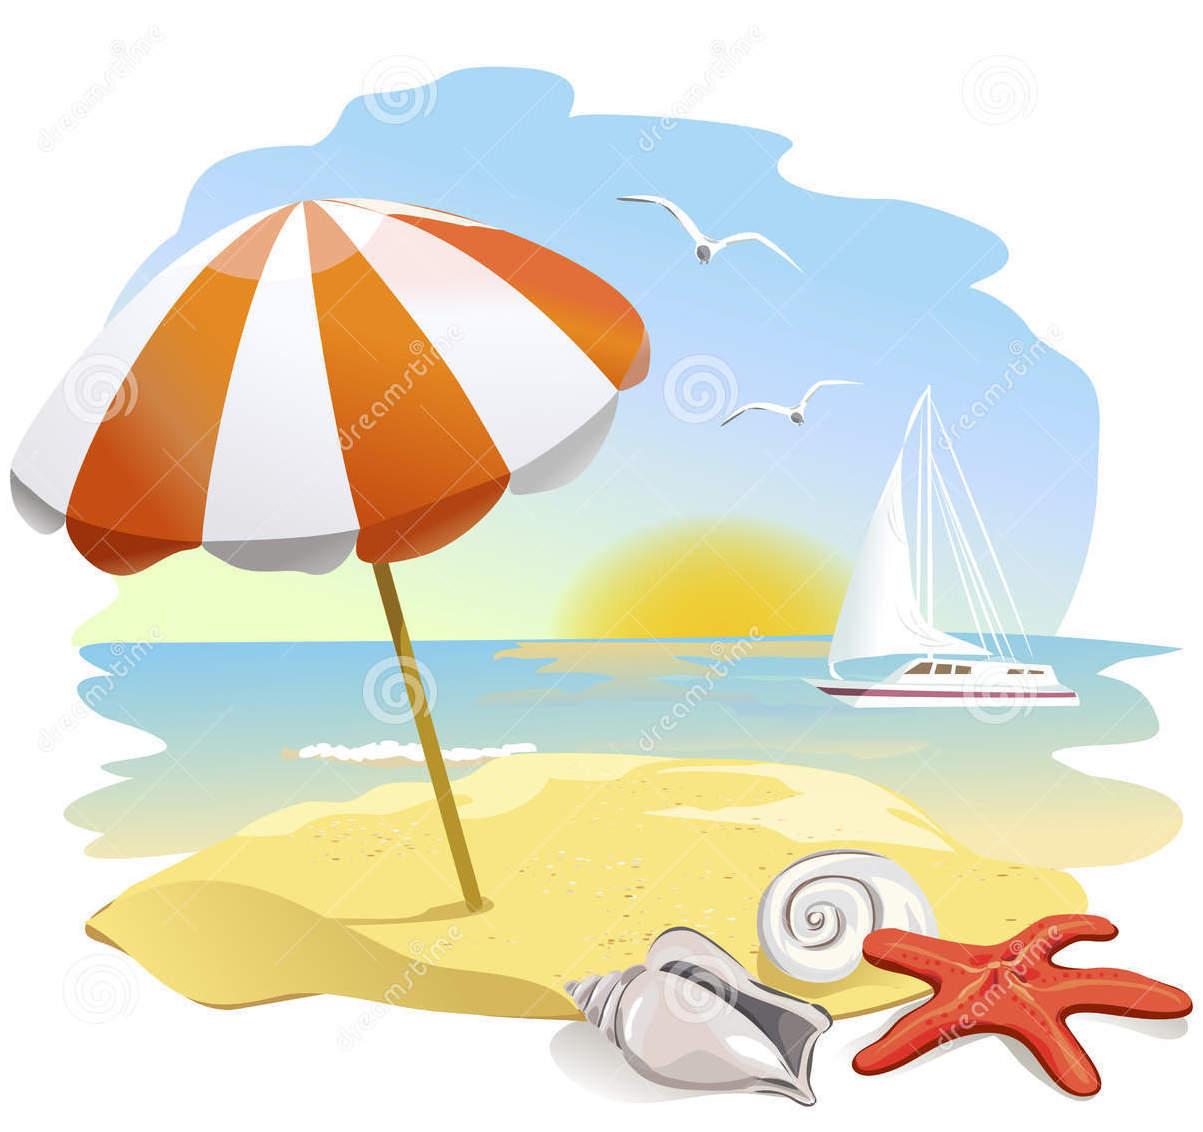 Possibilità di richiedere ombrellone da spiaggia • Possibility to rent beach umbrella